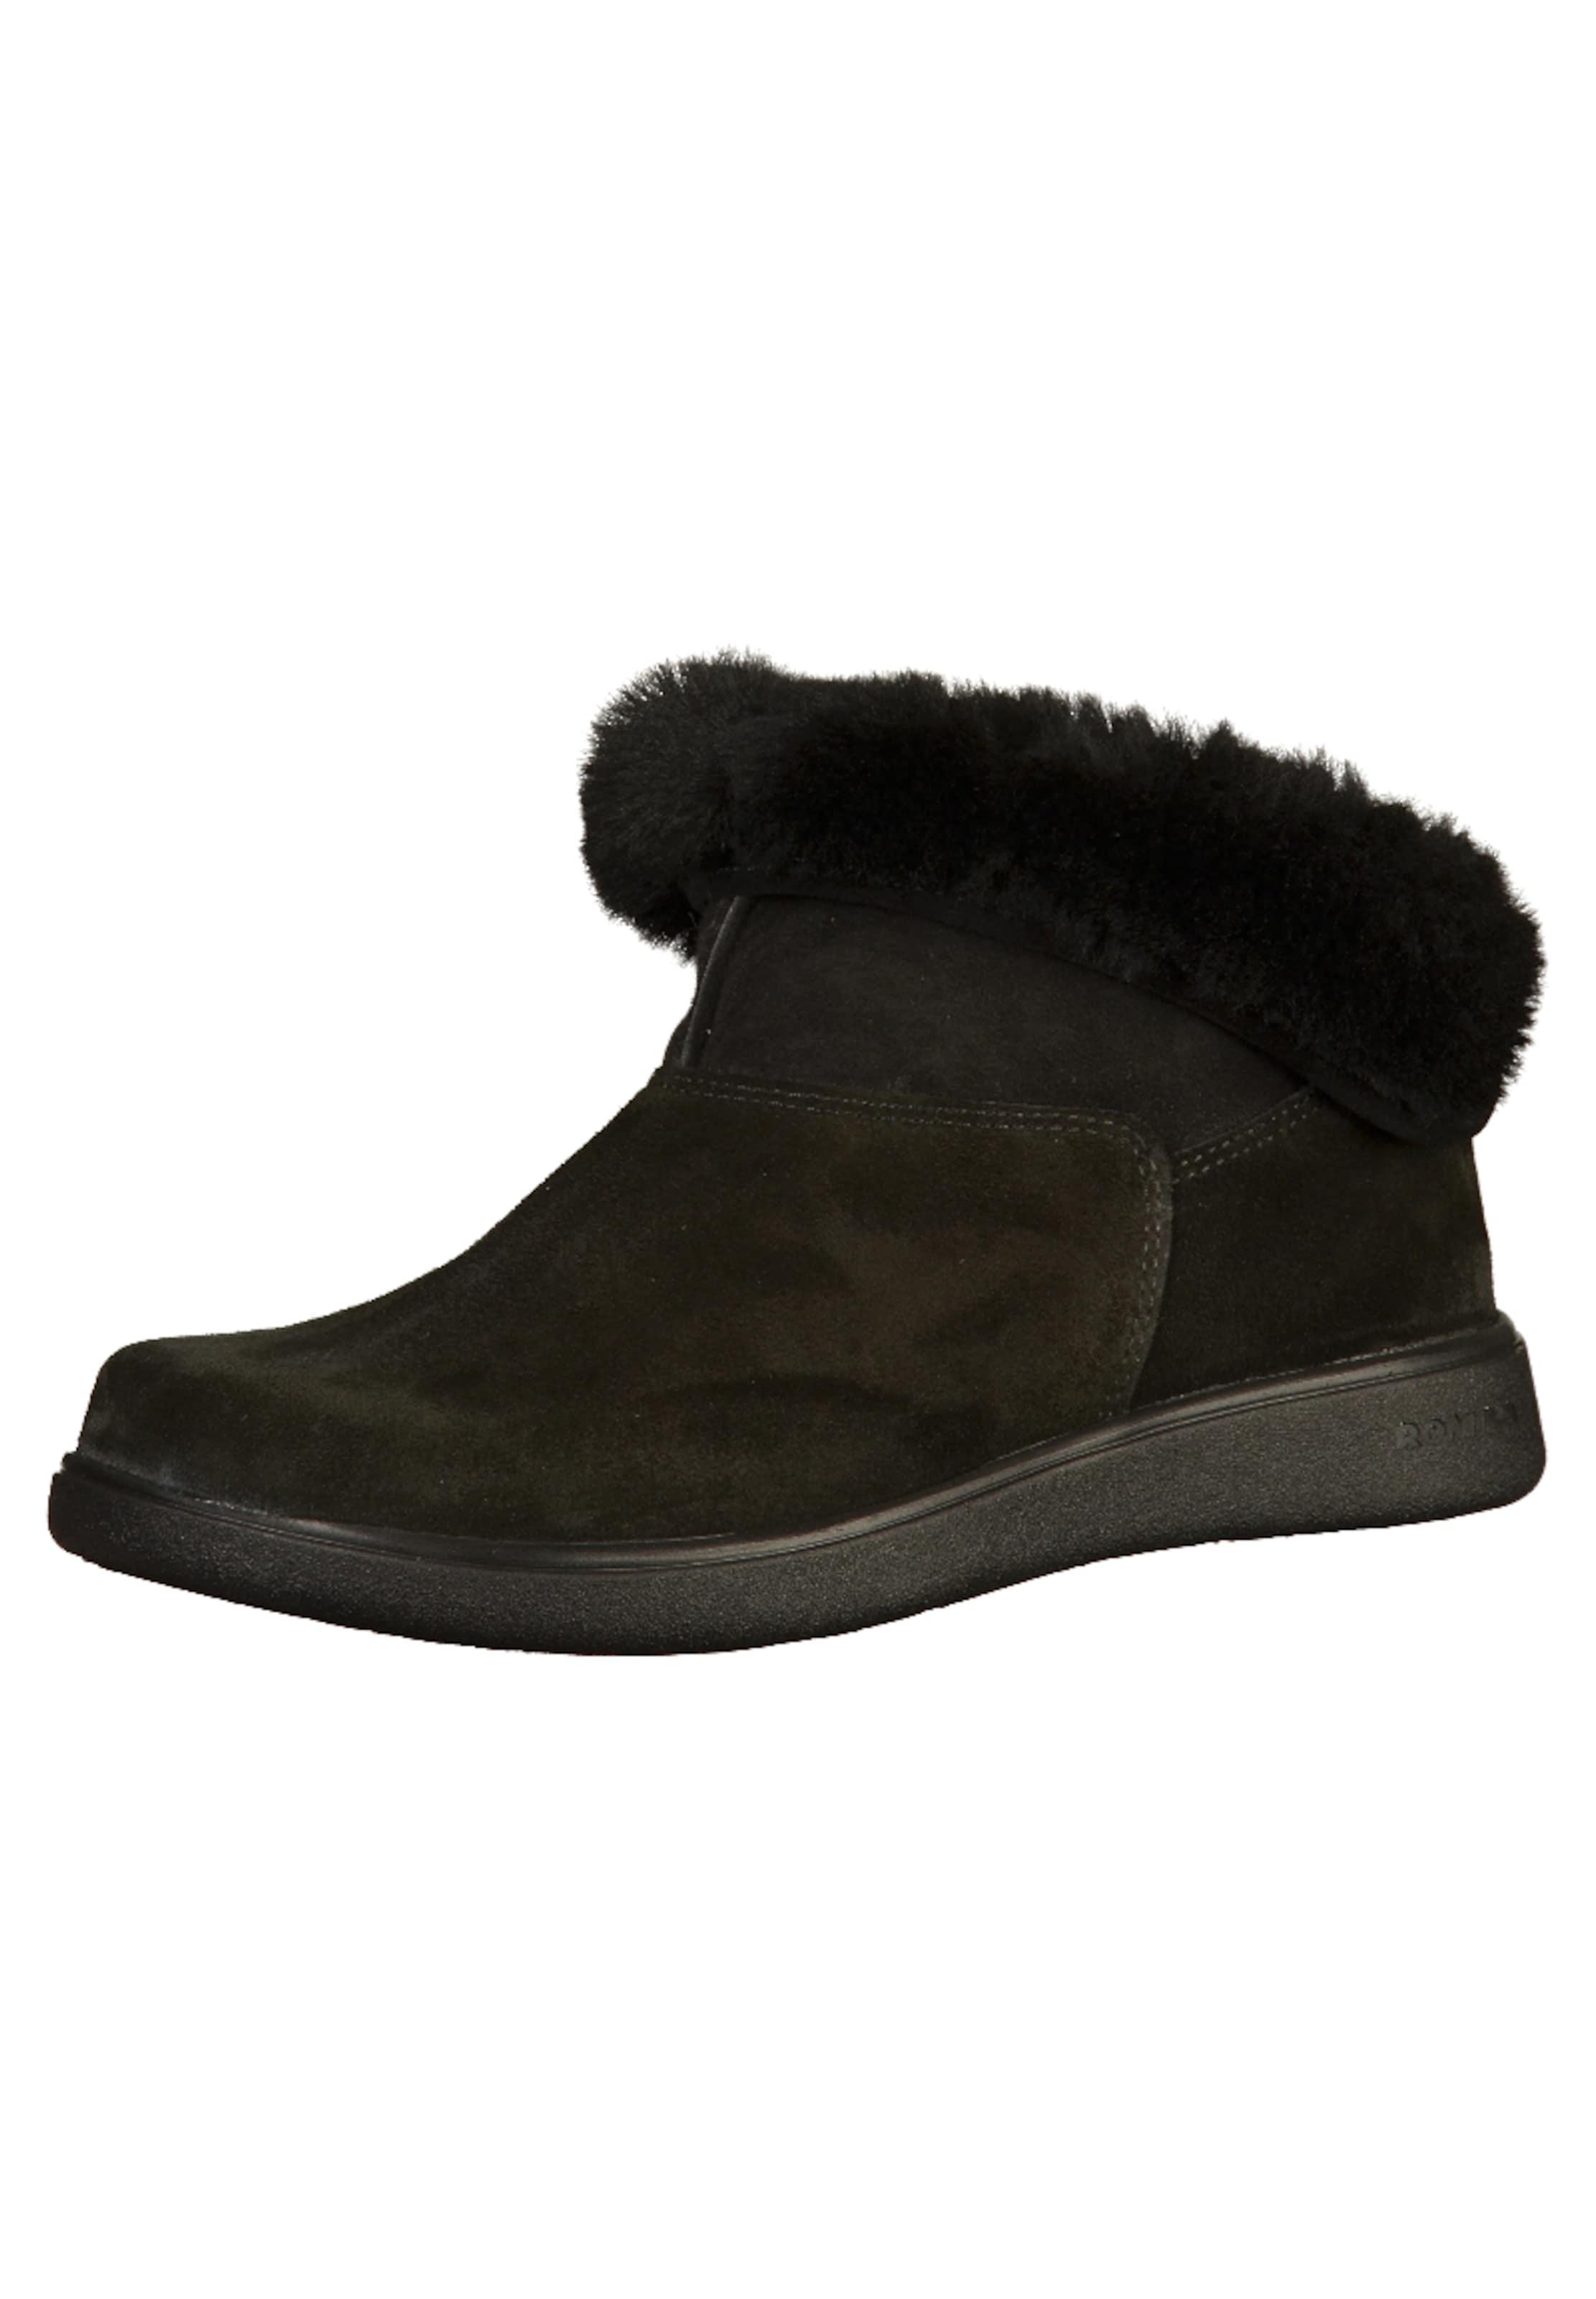 ROMIKA Stiefelette Verschleißfeste billige Schuhe Hohe Qualität